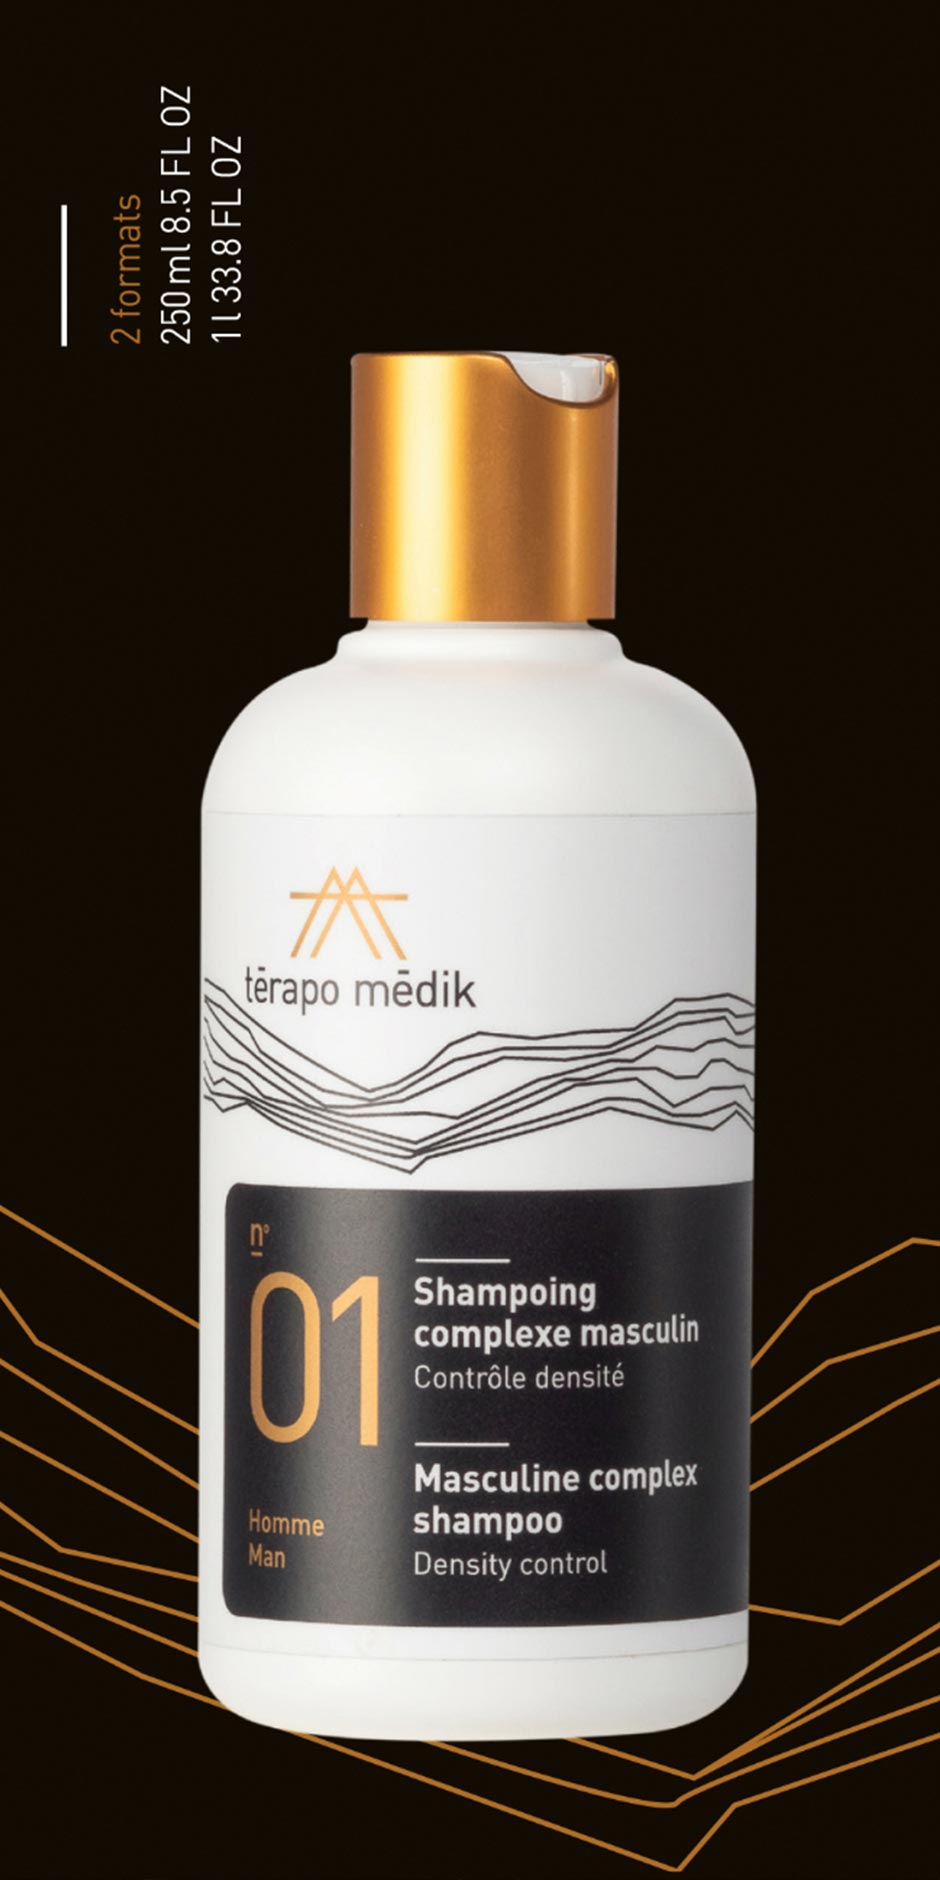 Shampoing complexe Masculin, contrôle densité de Térapo Médik Homme, Laboratoire Nature